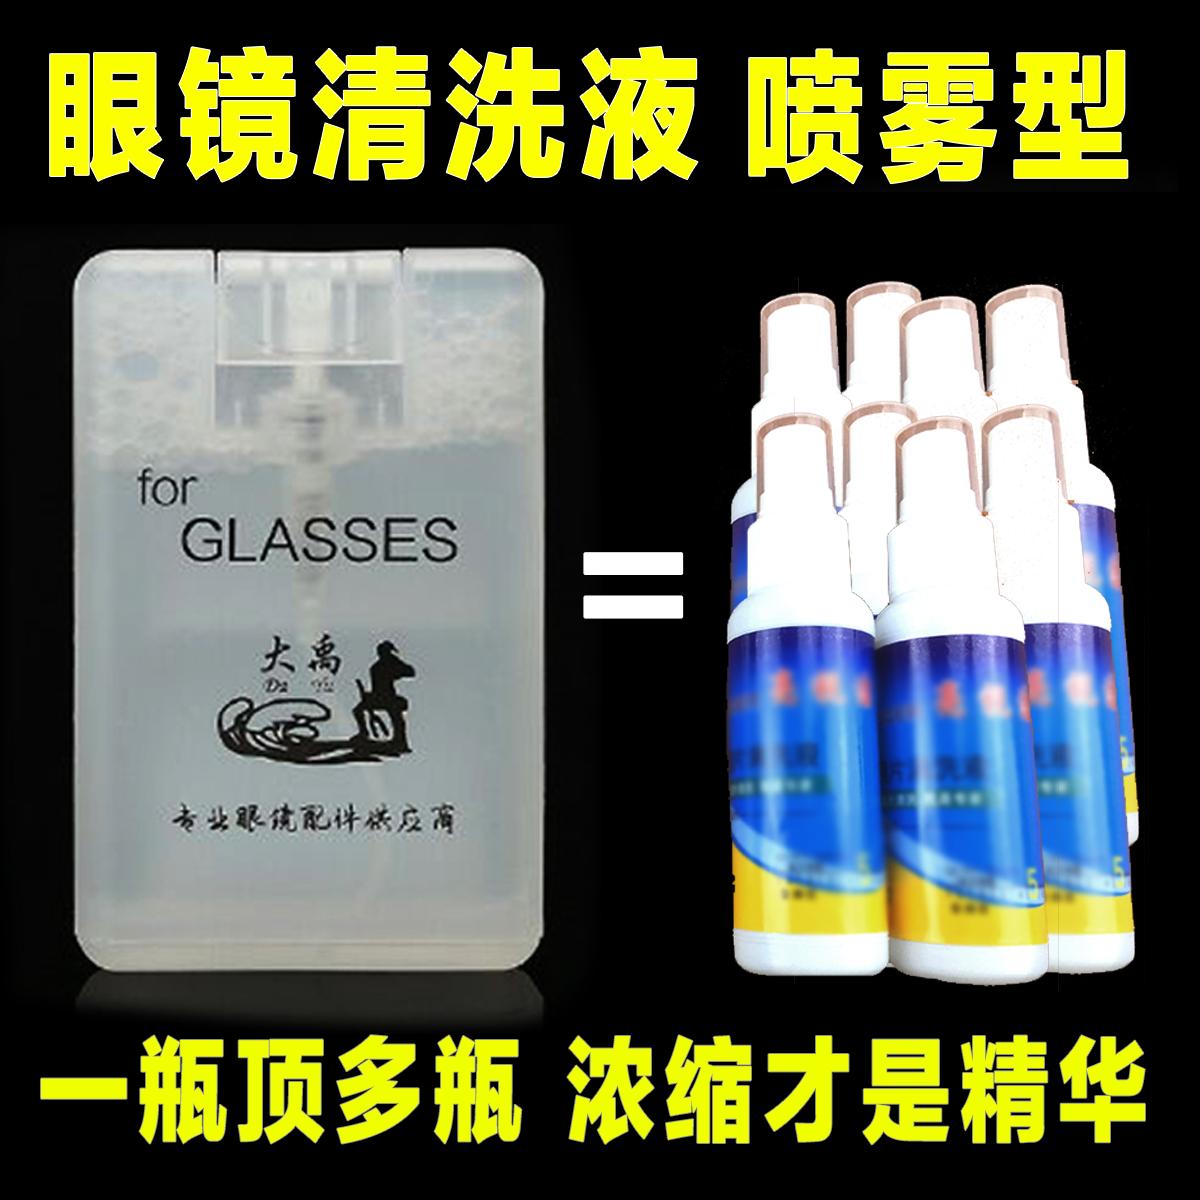 Màn hình phim làm sạch mắt lỏng phụ kiện khung kính máy tính di động giải pháp chăm sóc sạch phun rửa màn hình lỏng nước